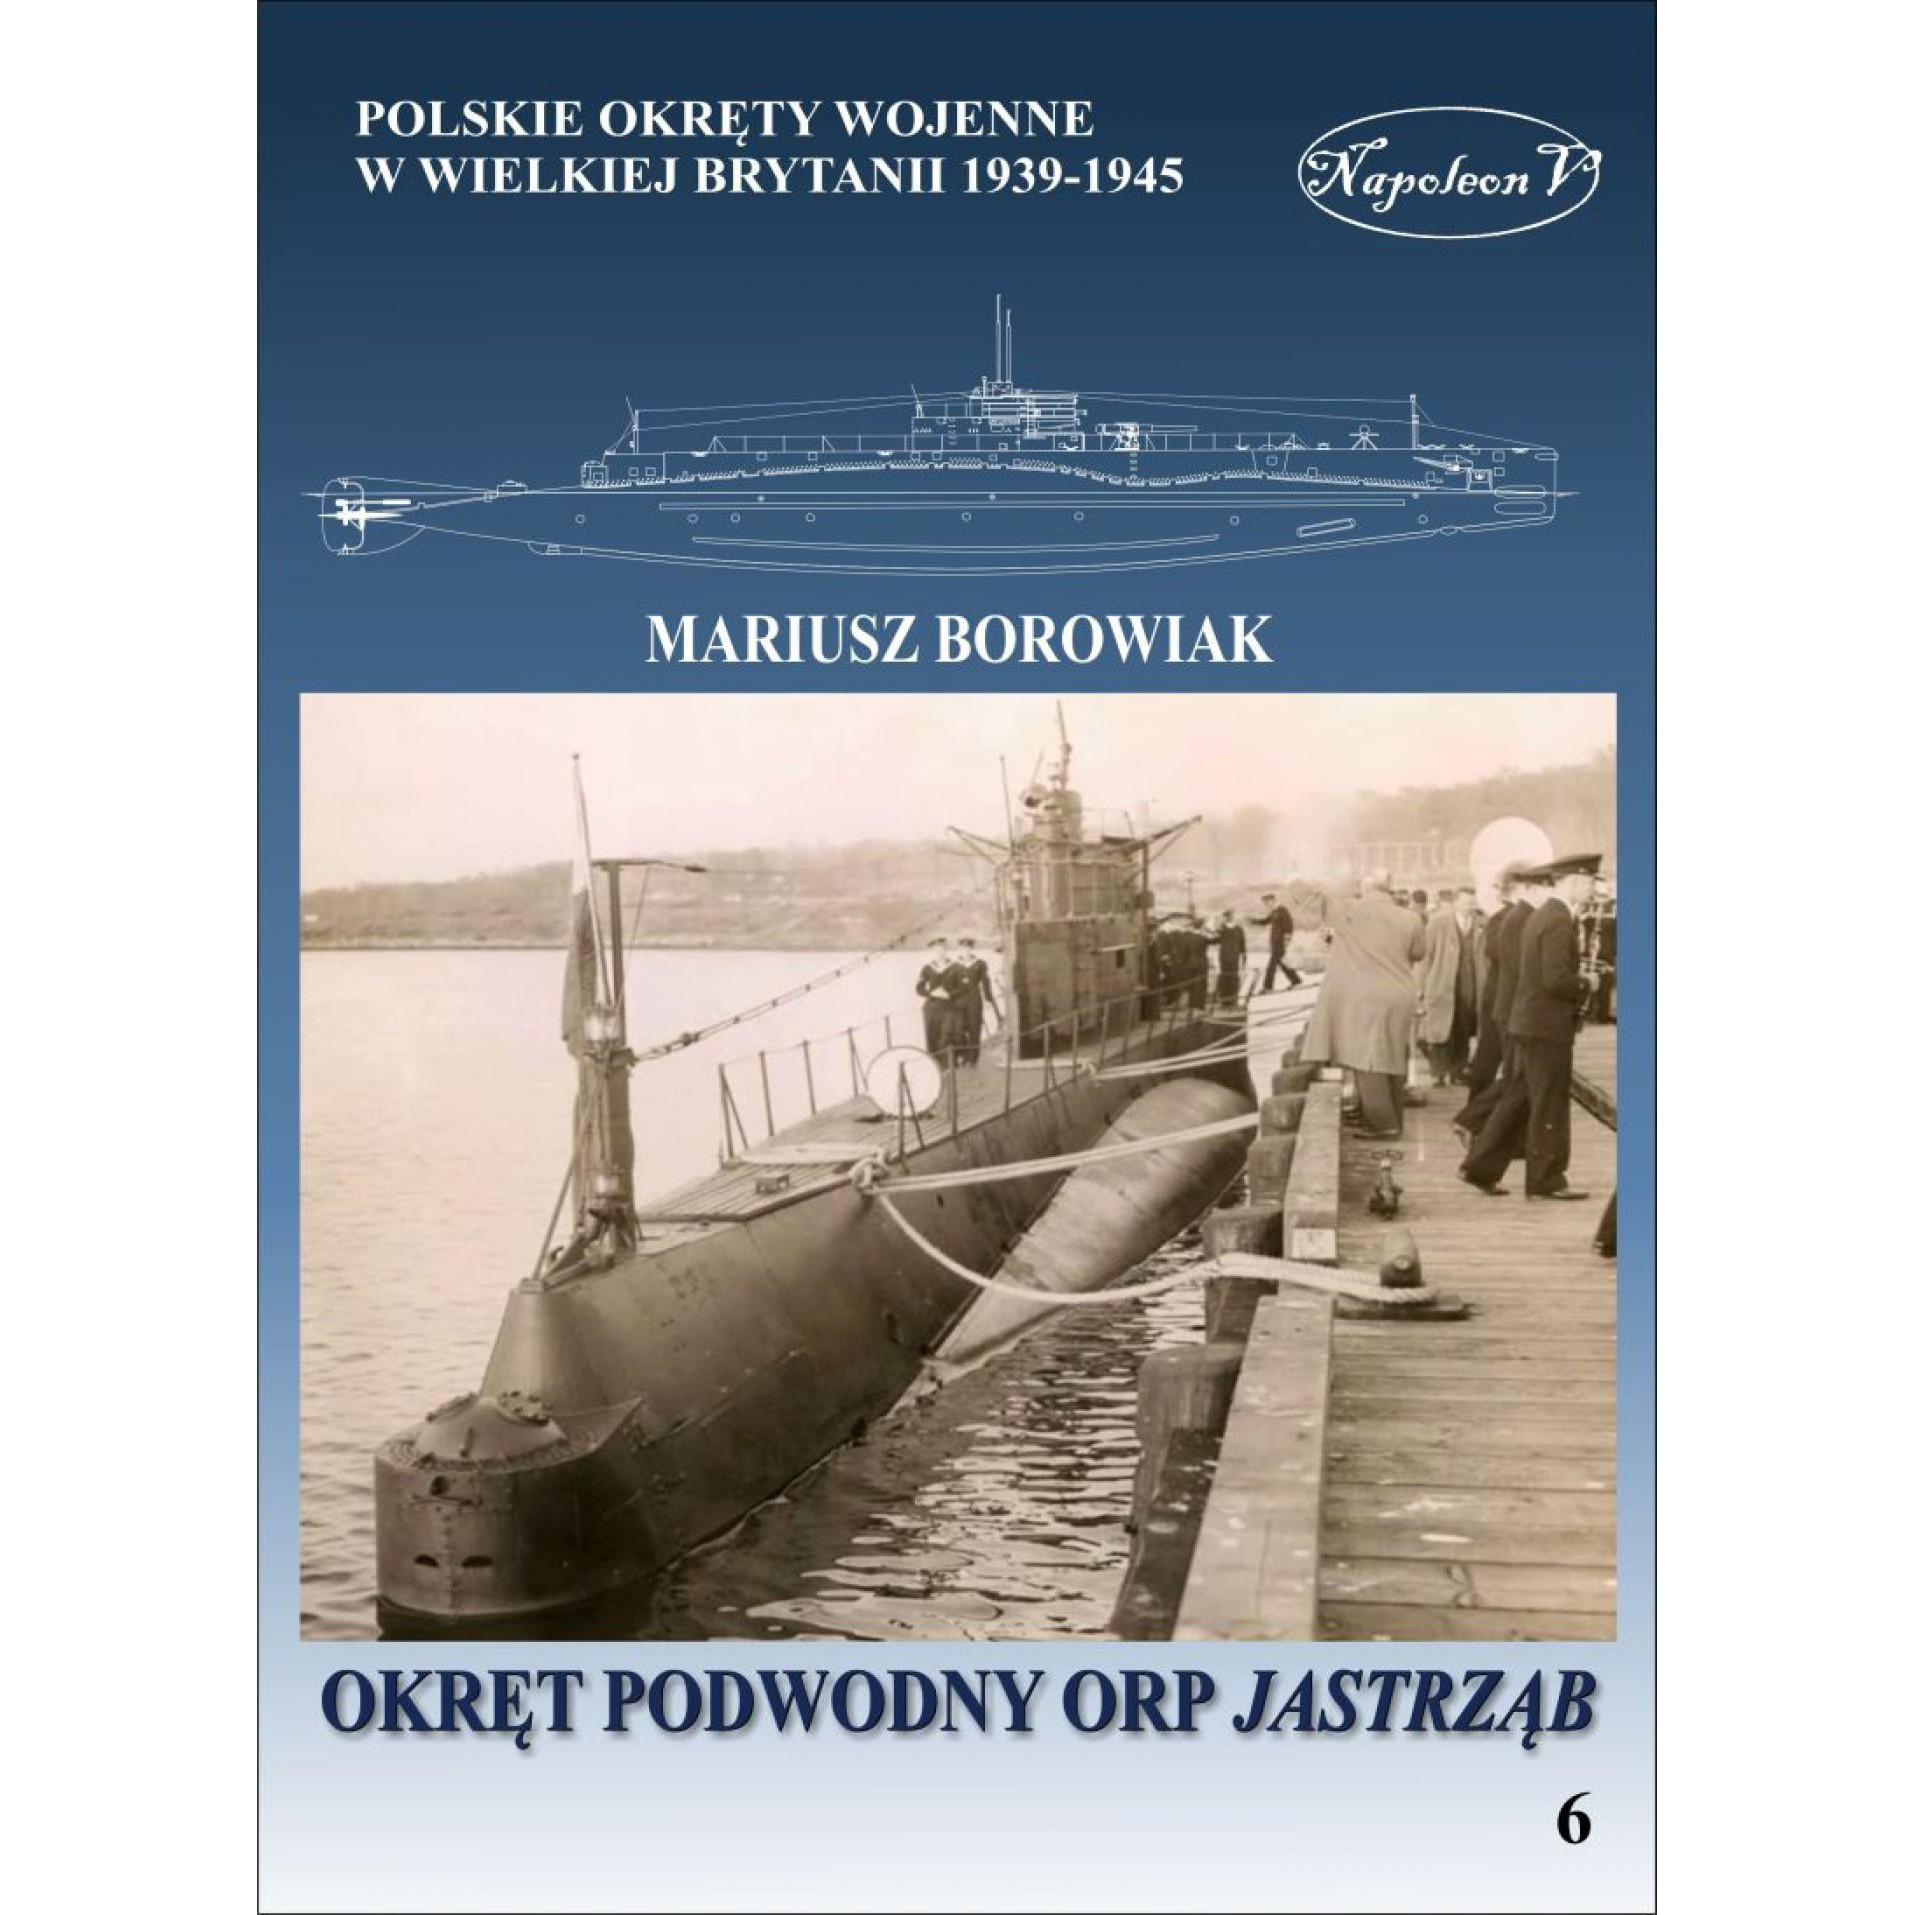 Okręt podwodny ORP Jastrząb